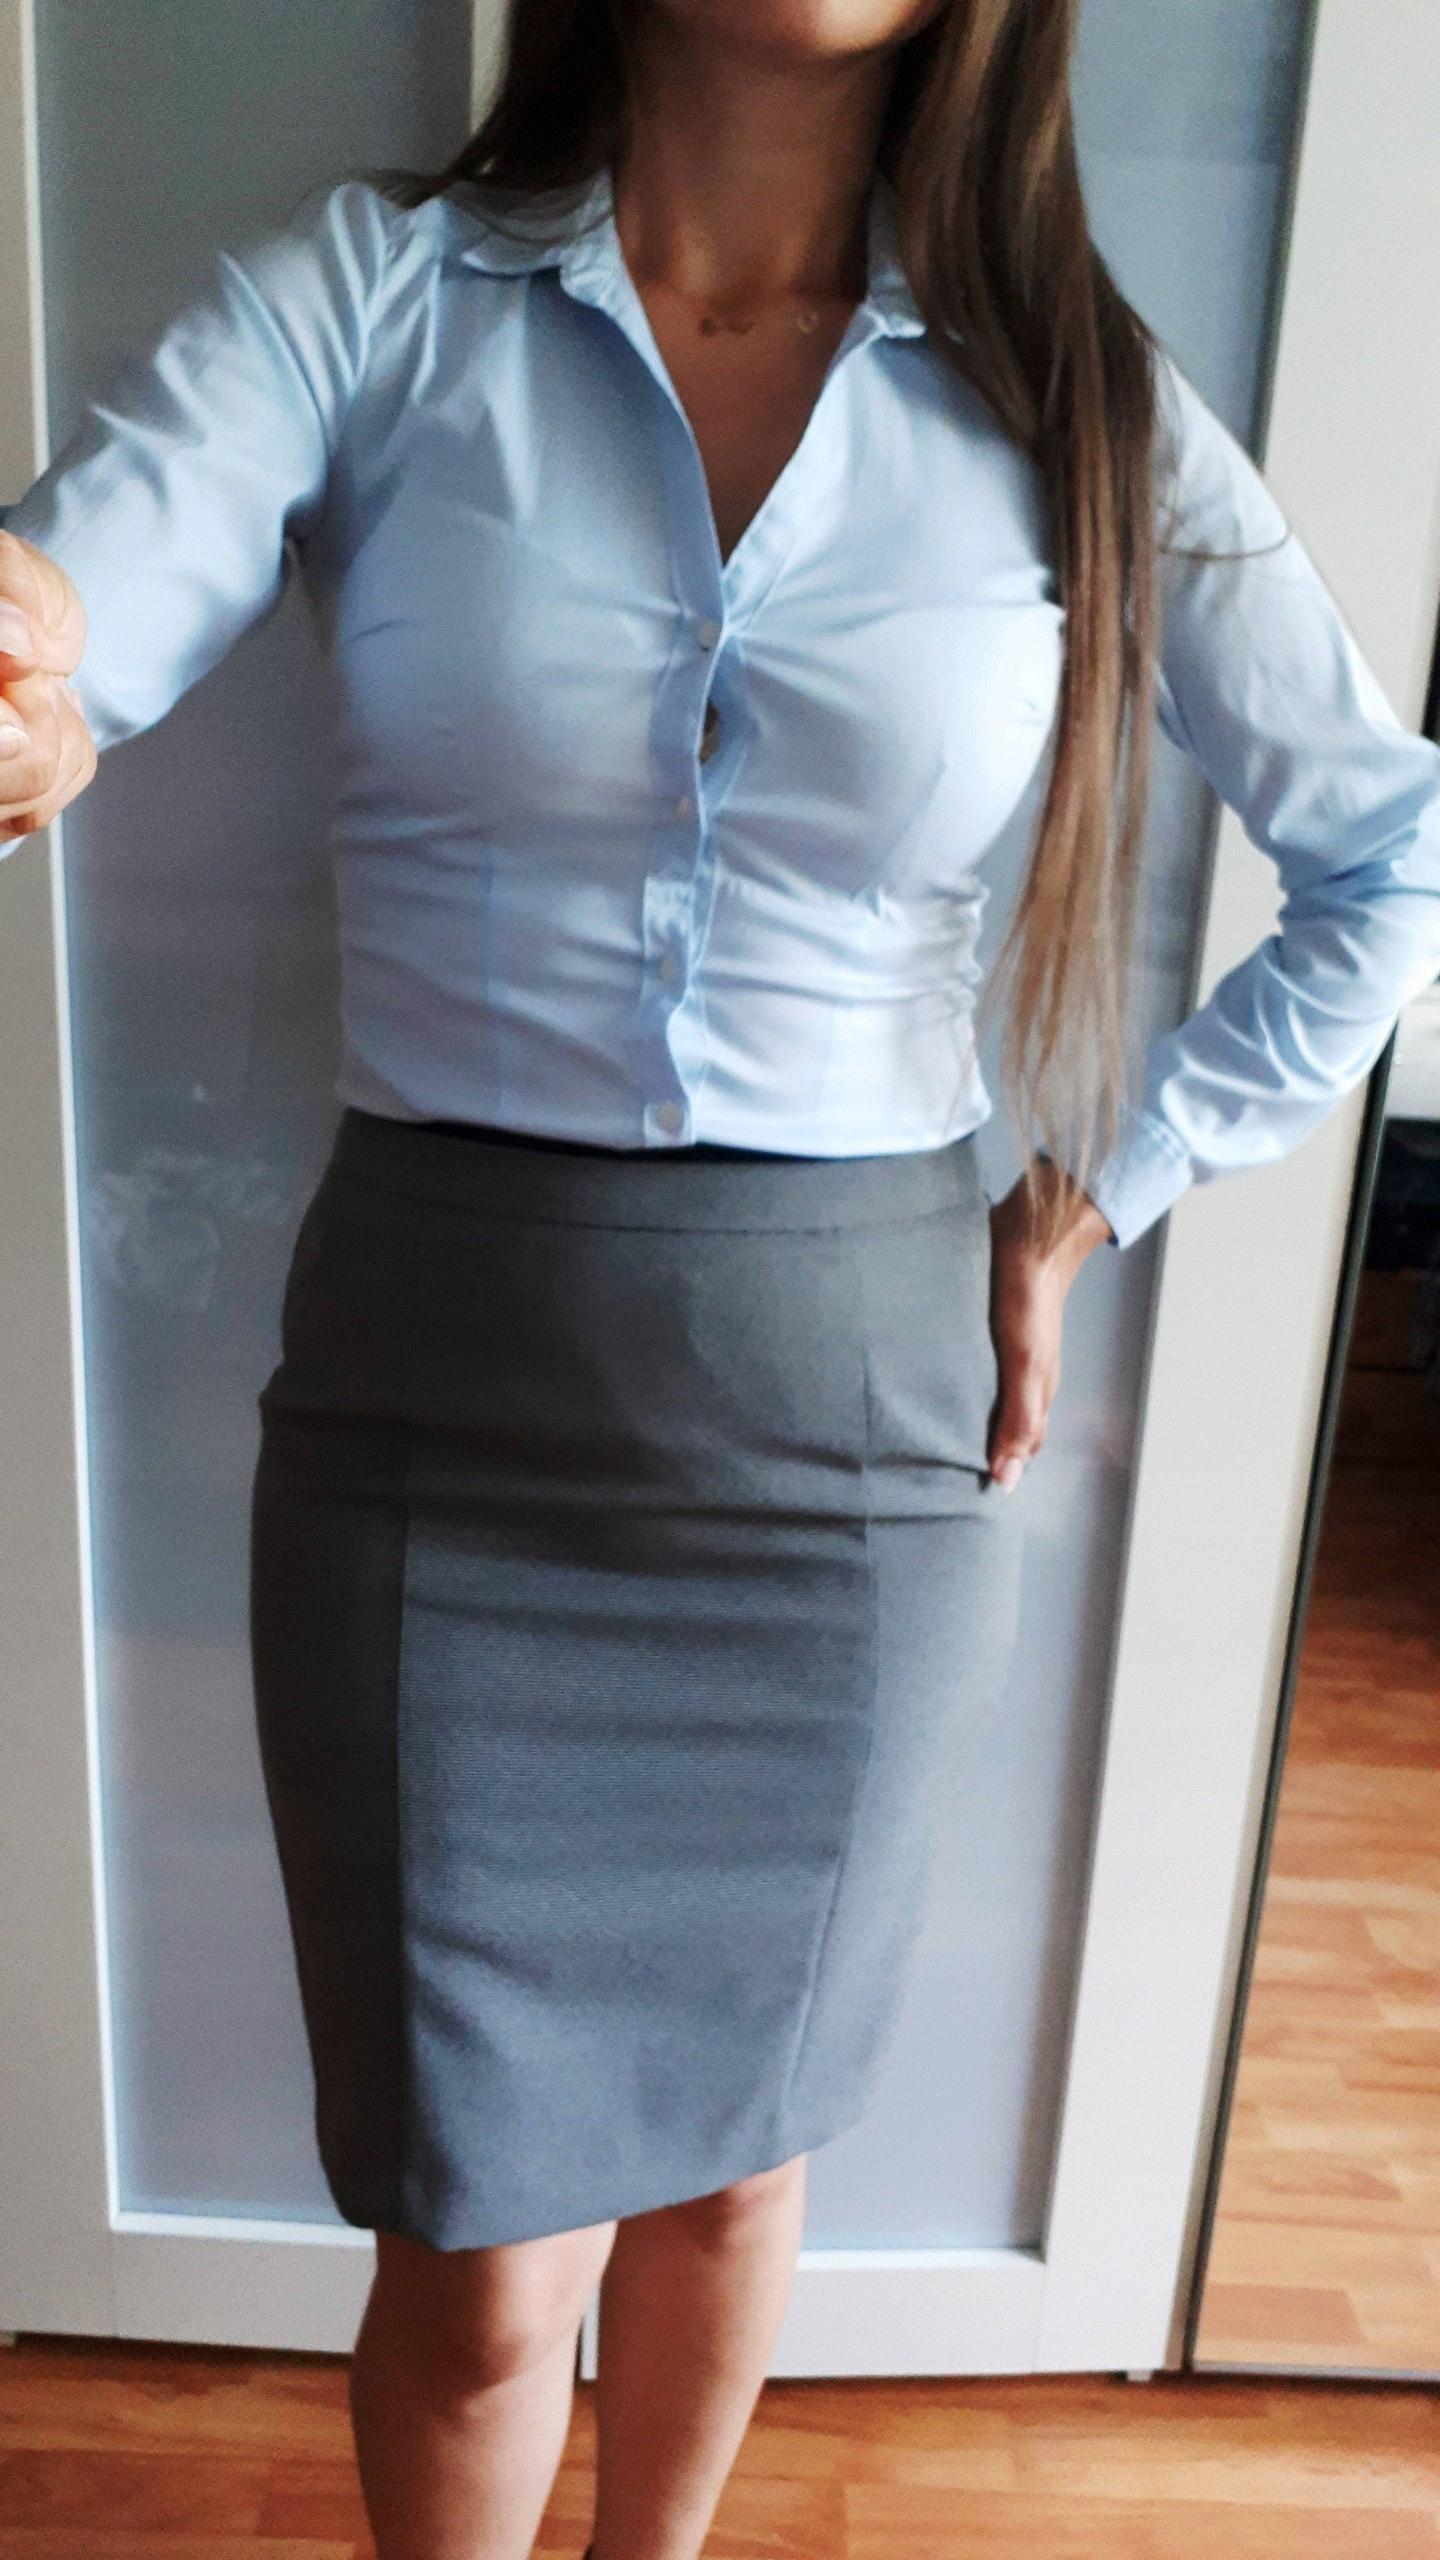 d85f6a62d0 ubranie eleganckie w Oficjalnym Archiwum Allegro - archiwum ofert